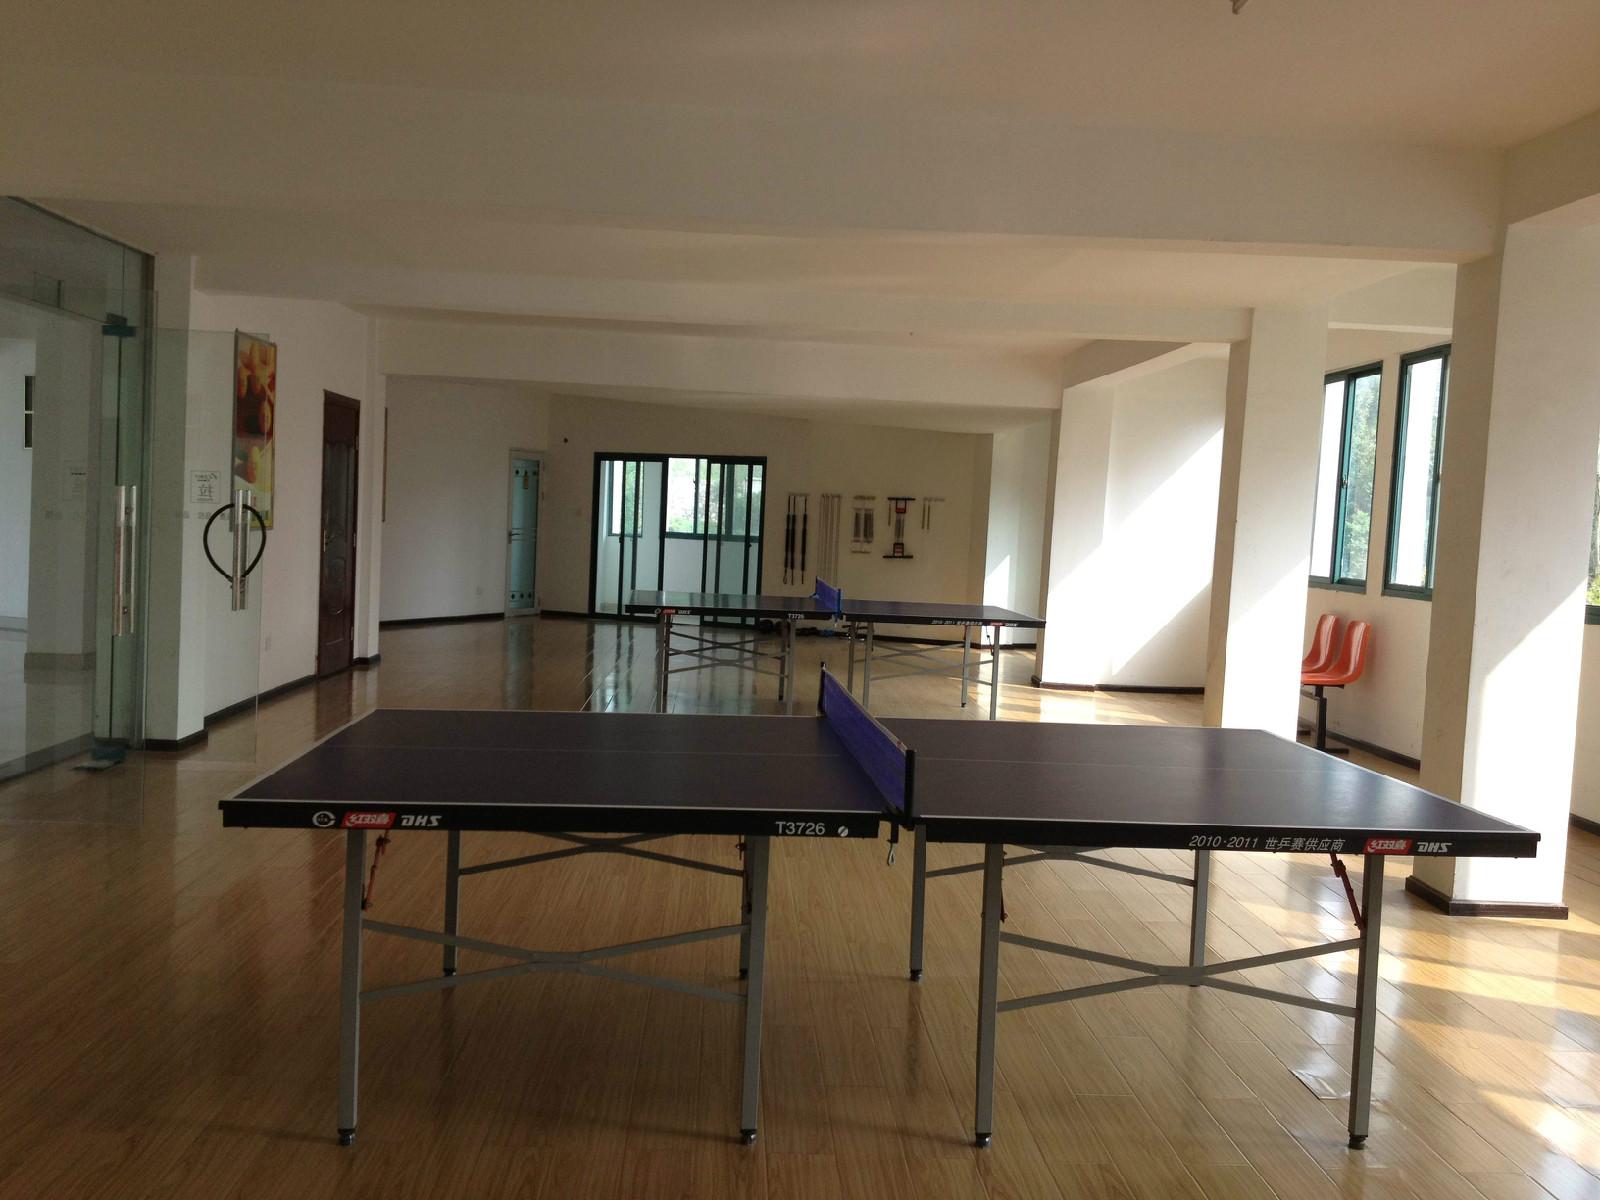 职工乒乓球室